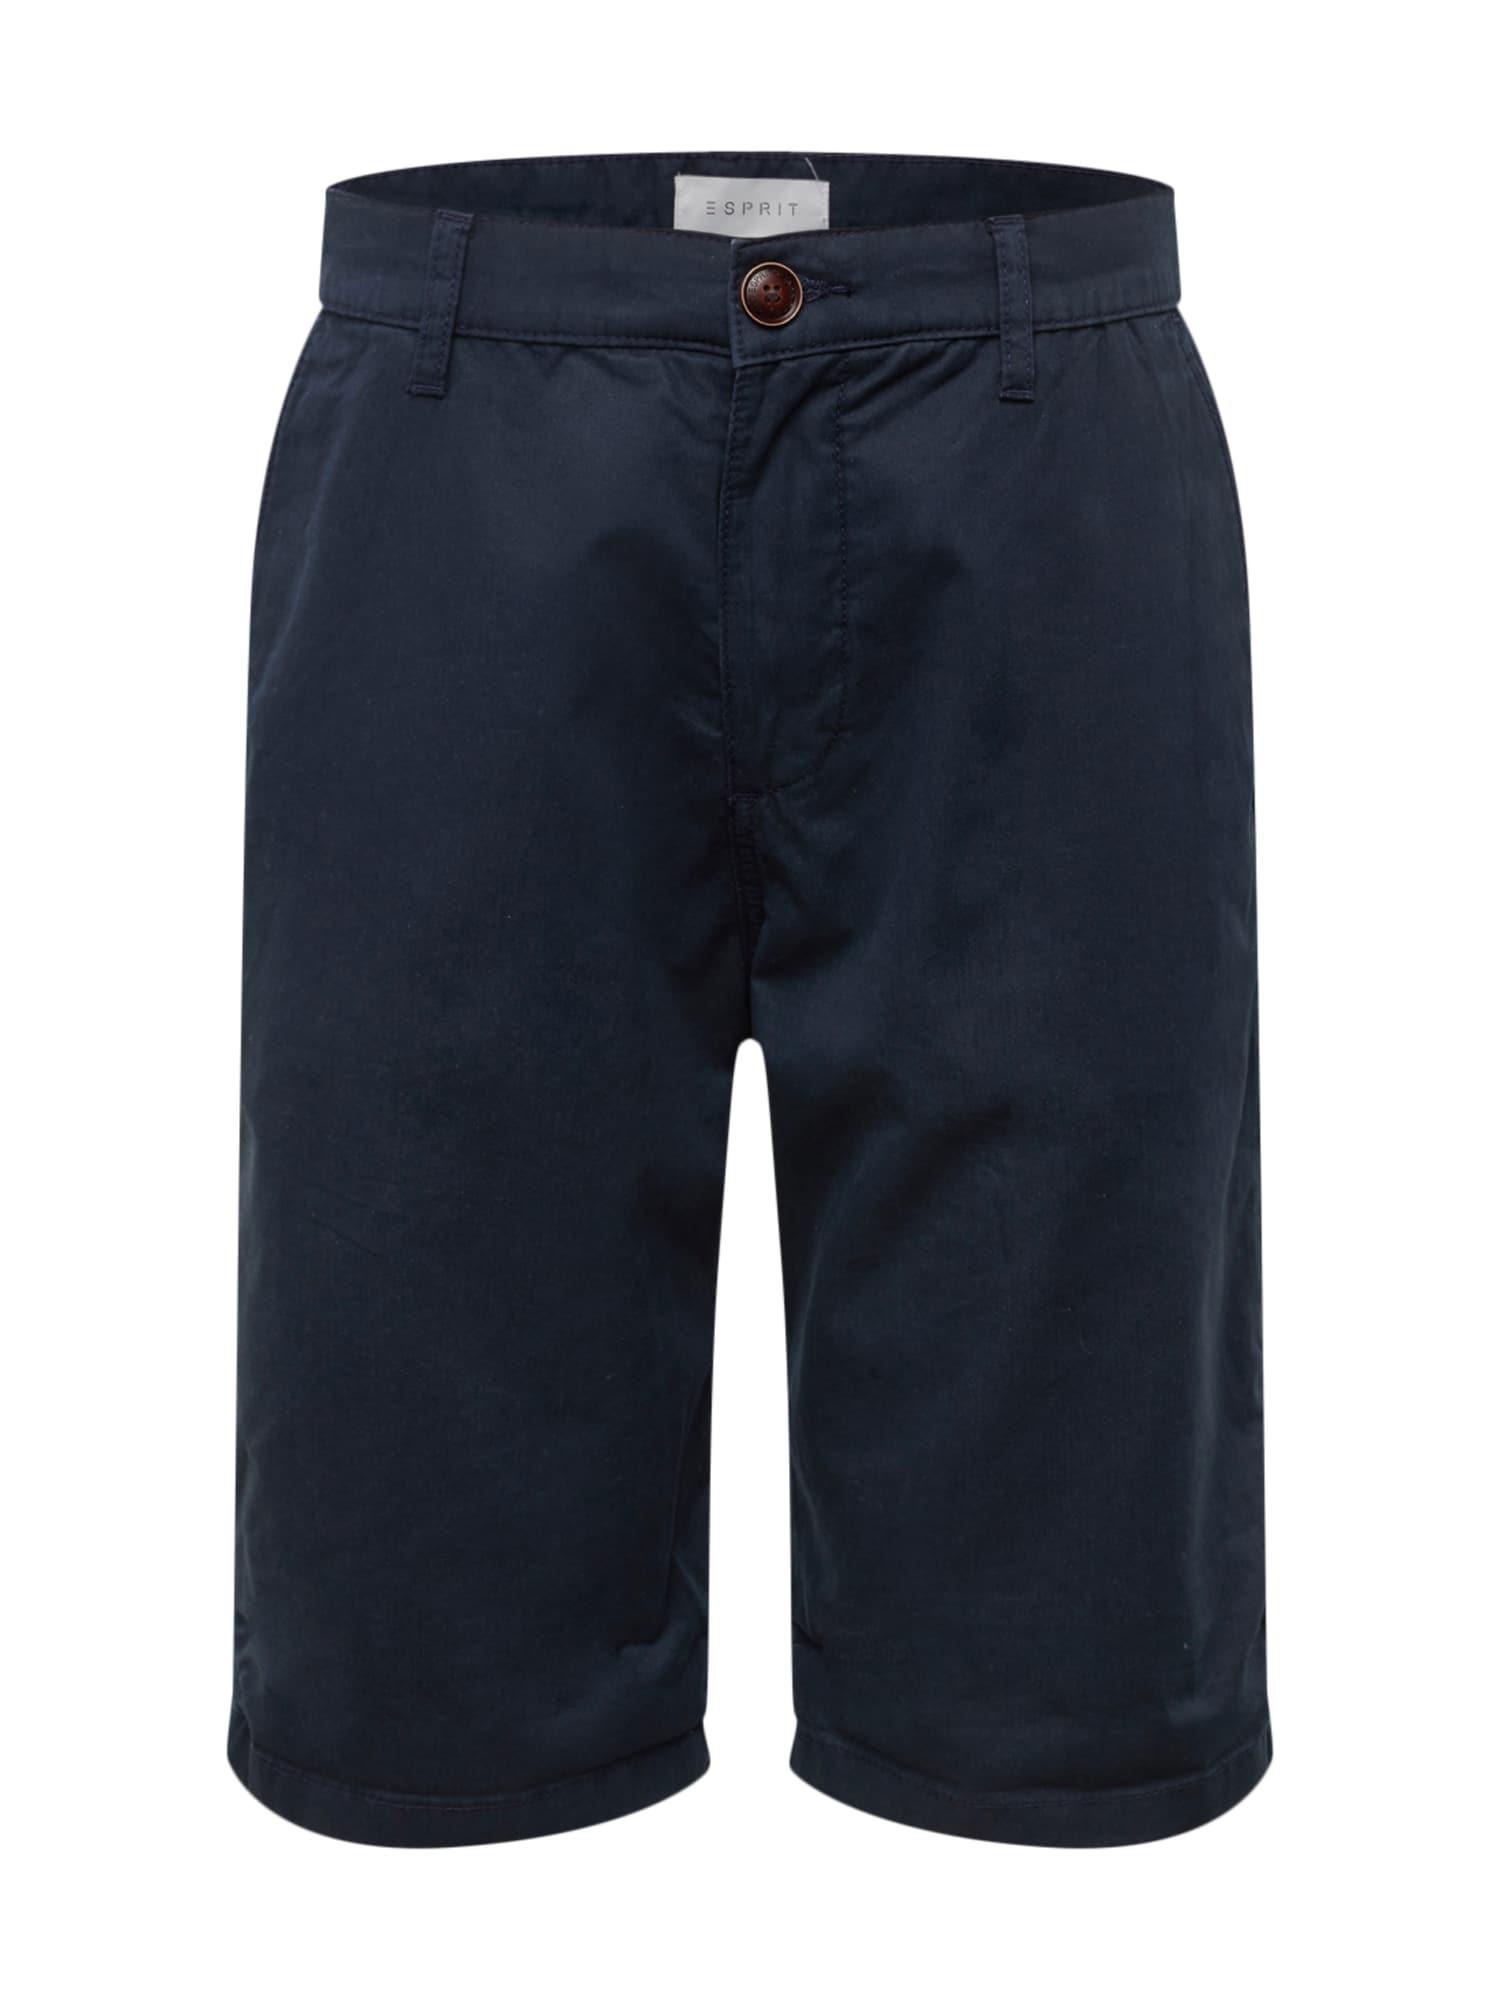 Chino kalhoty Basic Twill SH námořnická modř ESPRIT